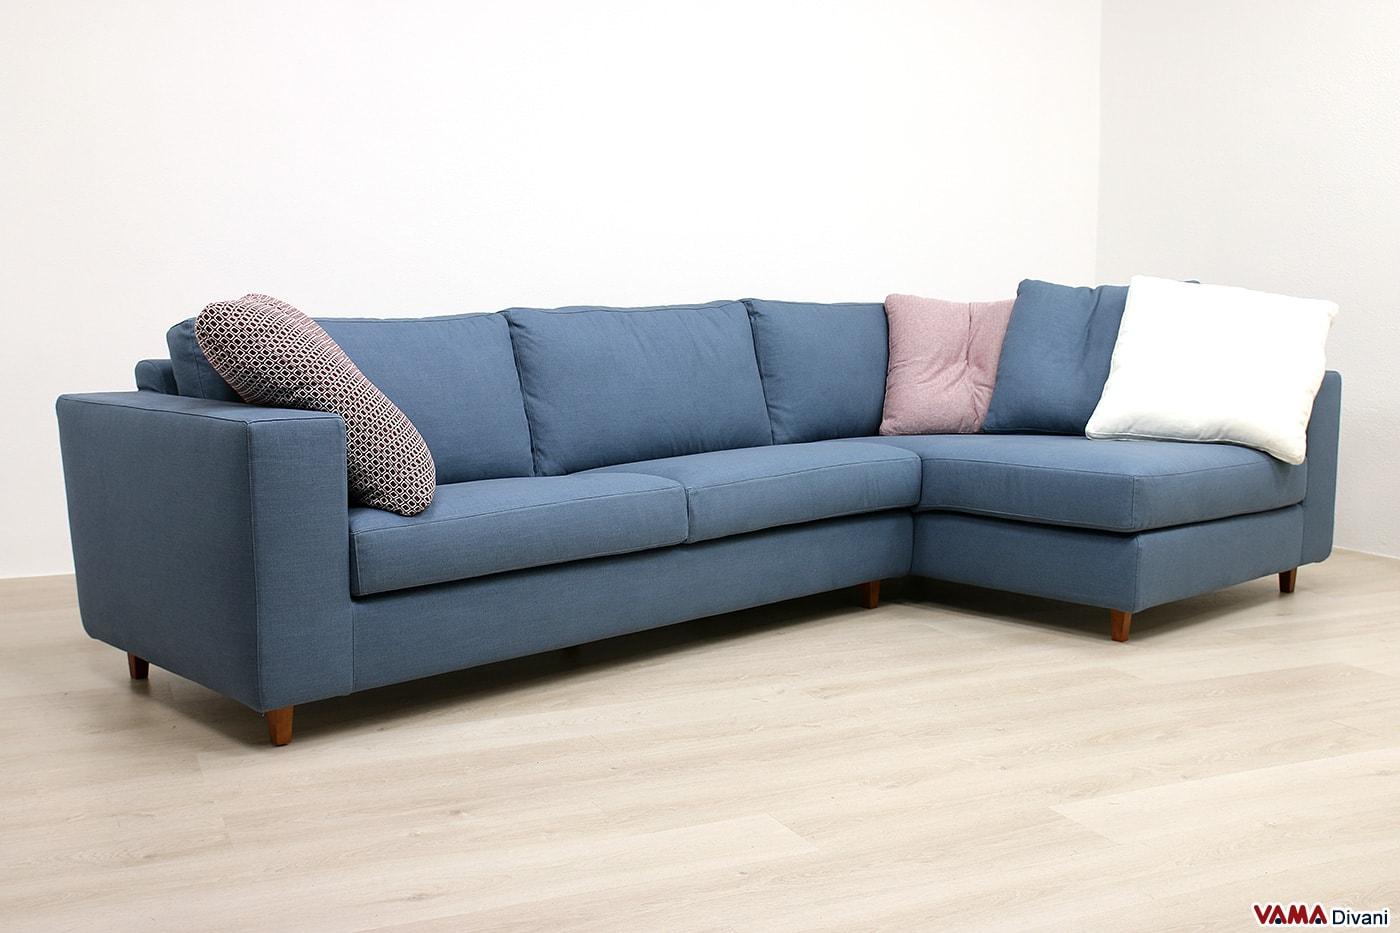 Divani Su Misura Milano divani su misura, realizziamo la tua idea - vama divani